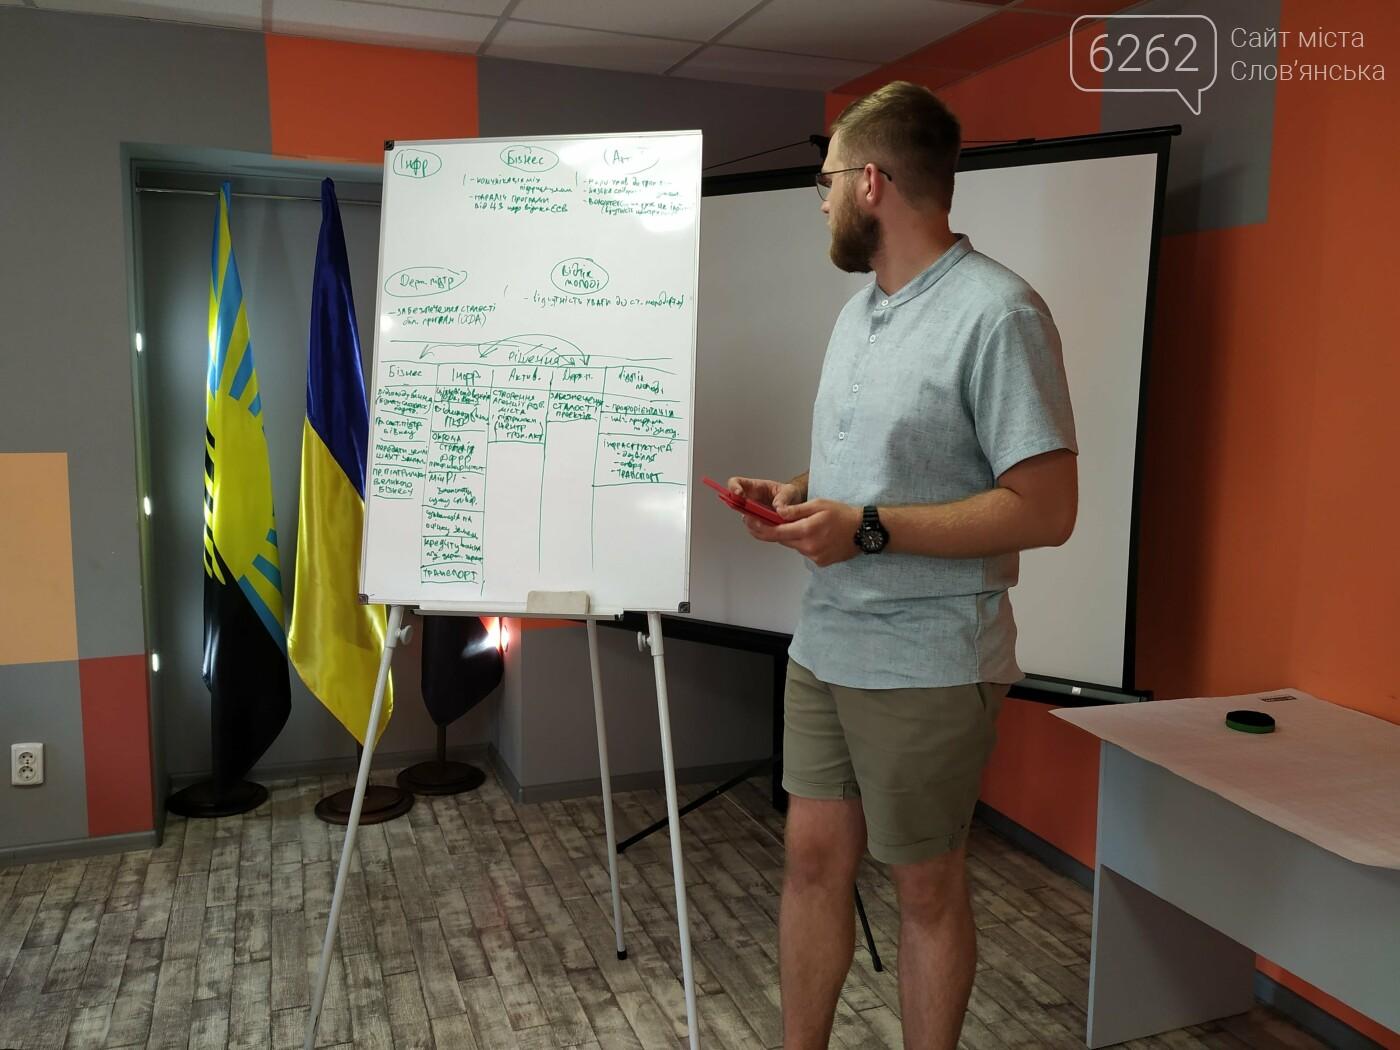 Прифронтові міста Донеччини готуються до першої Конференції прифронтових громад, фото-1